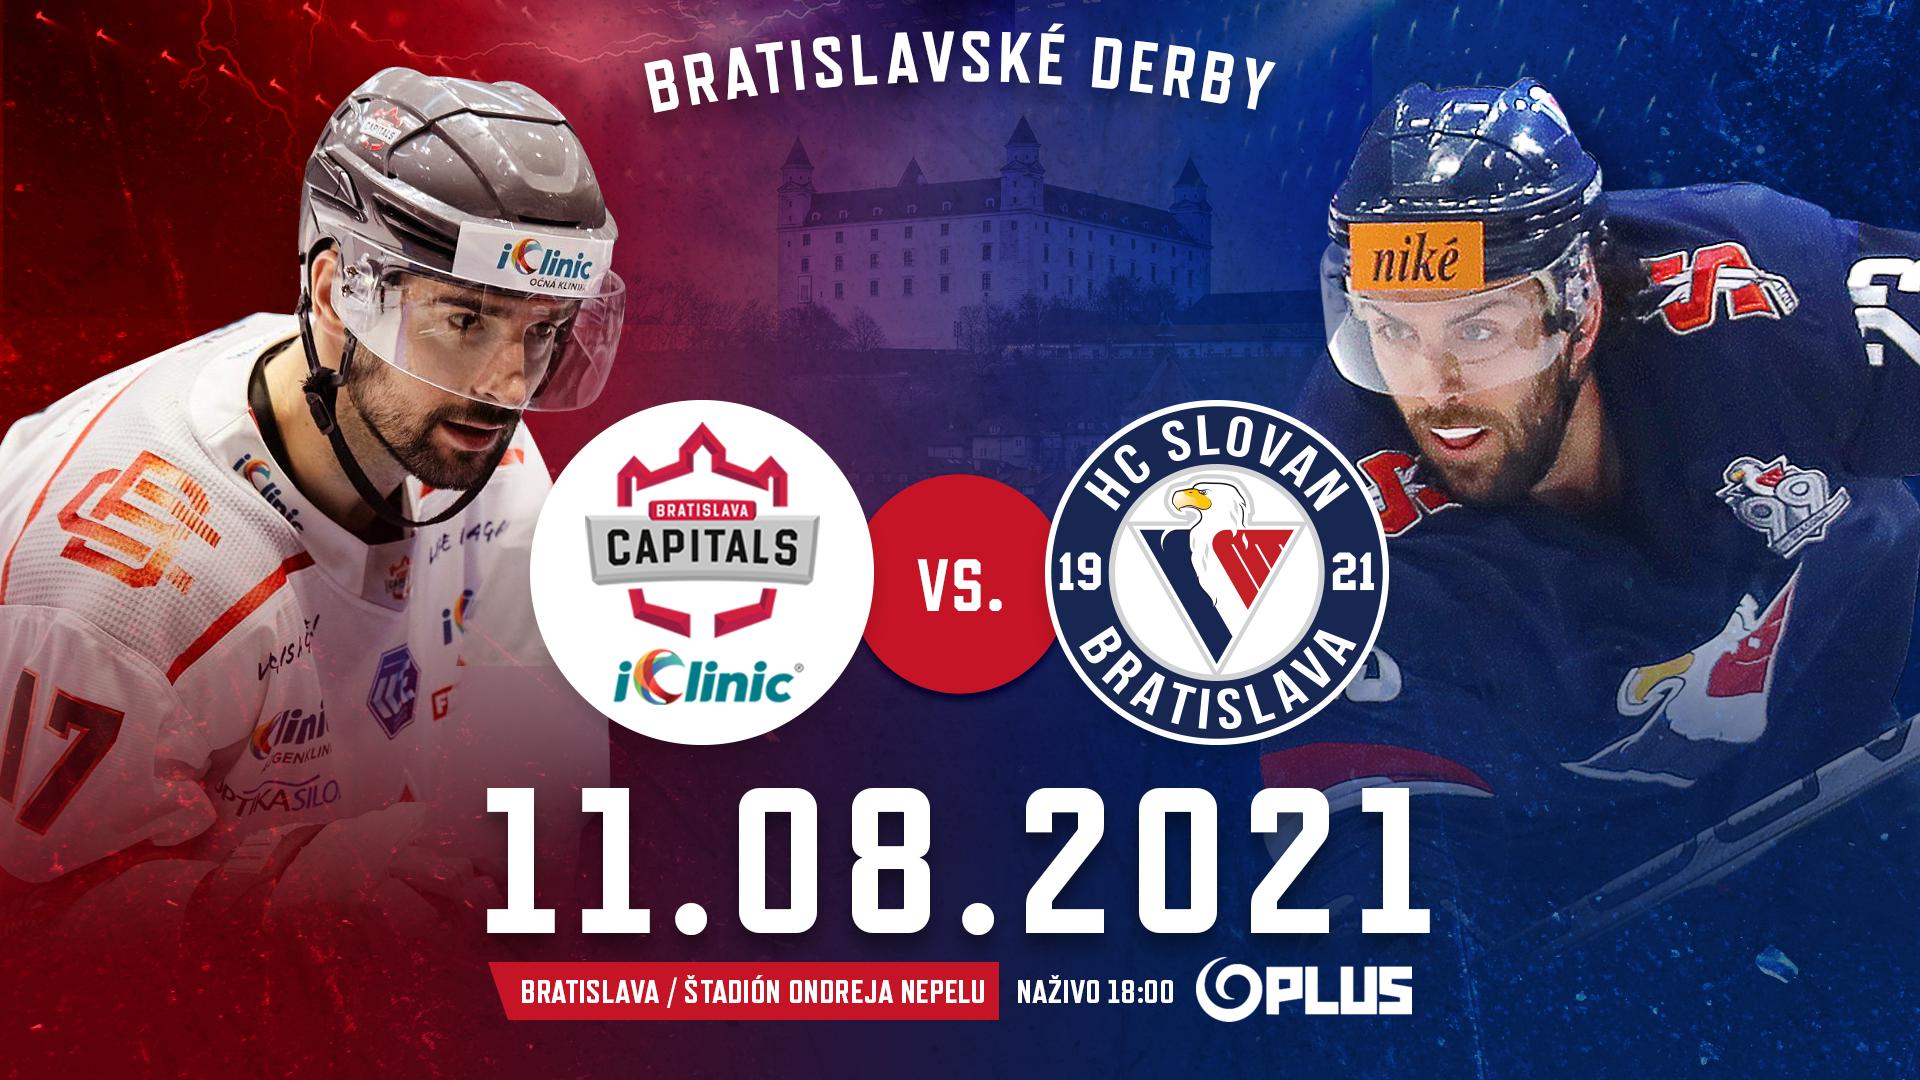 Bratislavské derby pre Capitals!